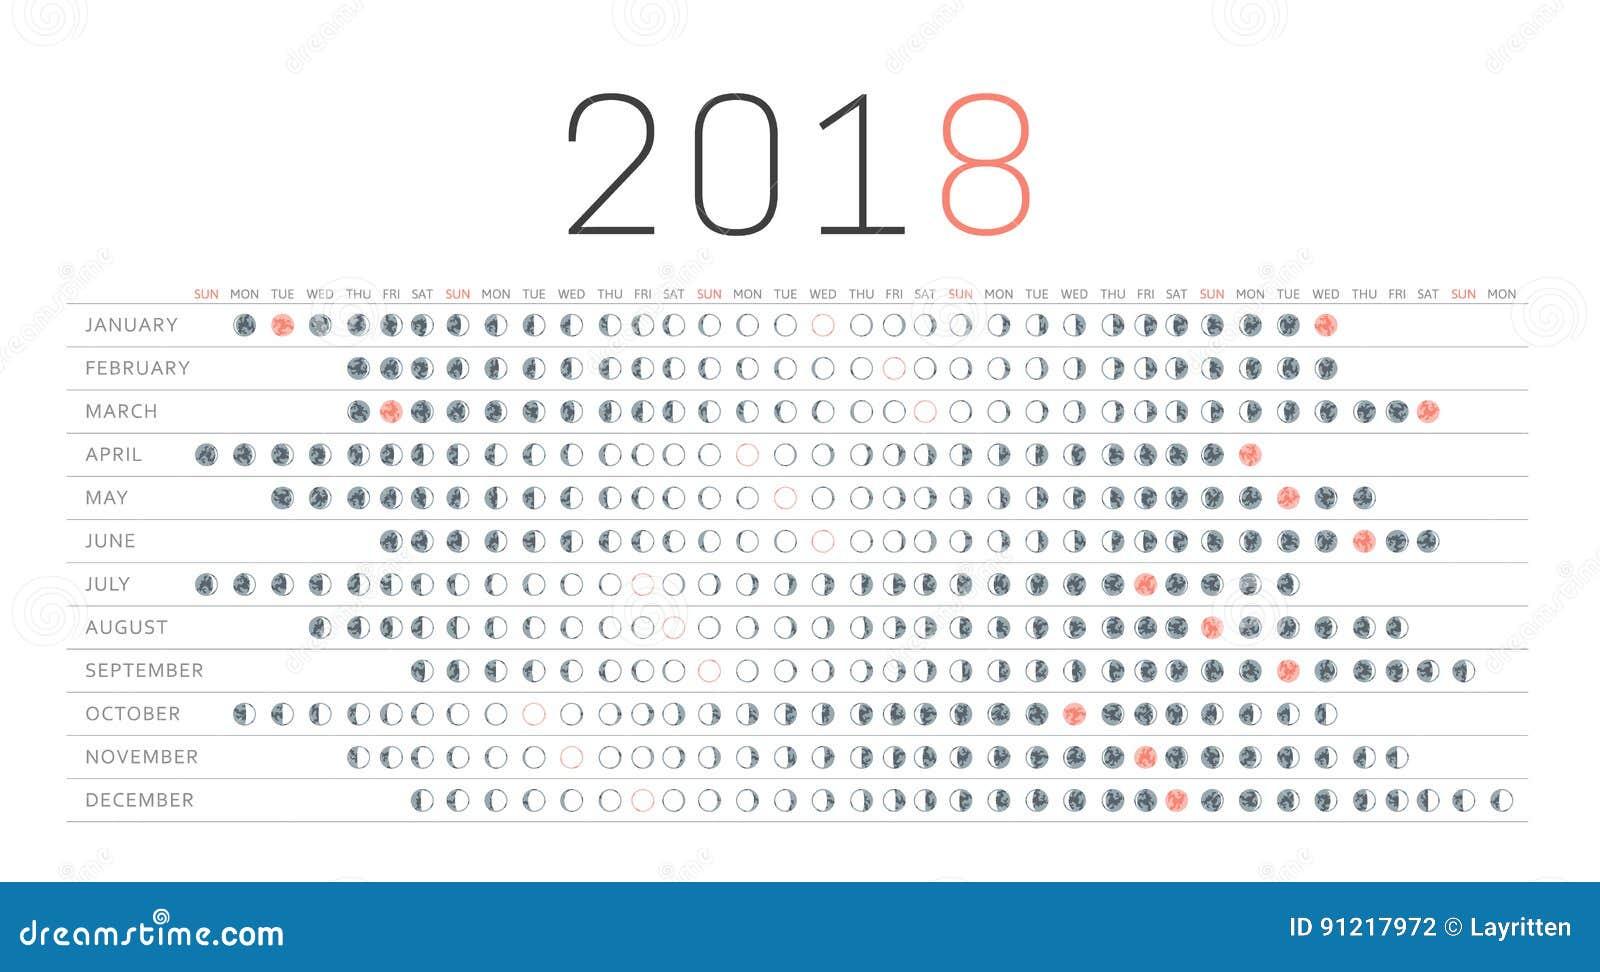 Il Calendario Della Luna.Calendario 2018 Della Luna Illustrazione Vettoriale